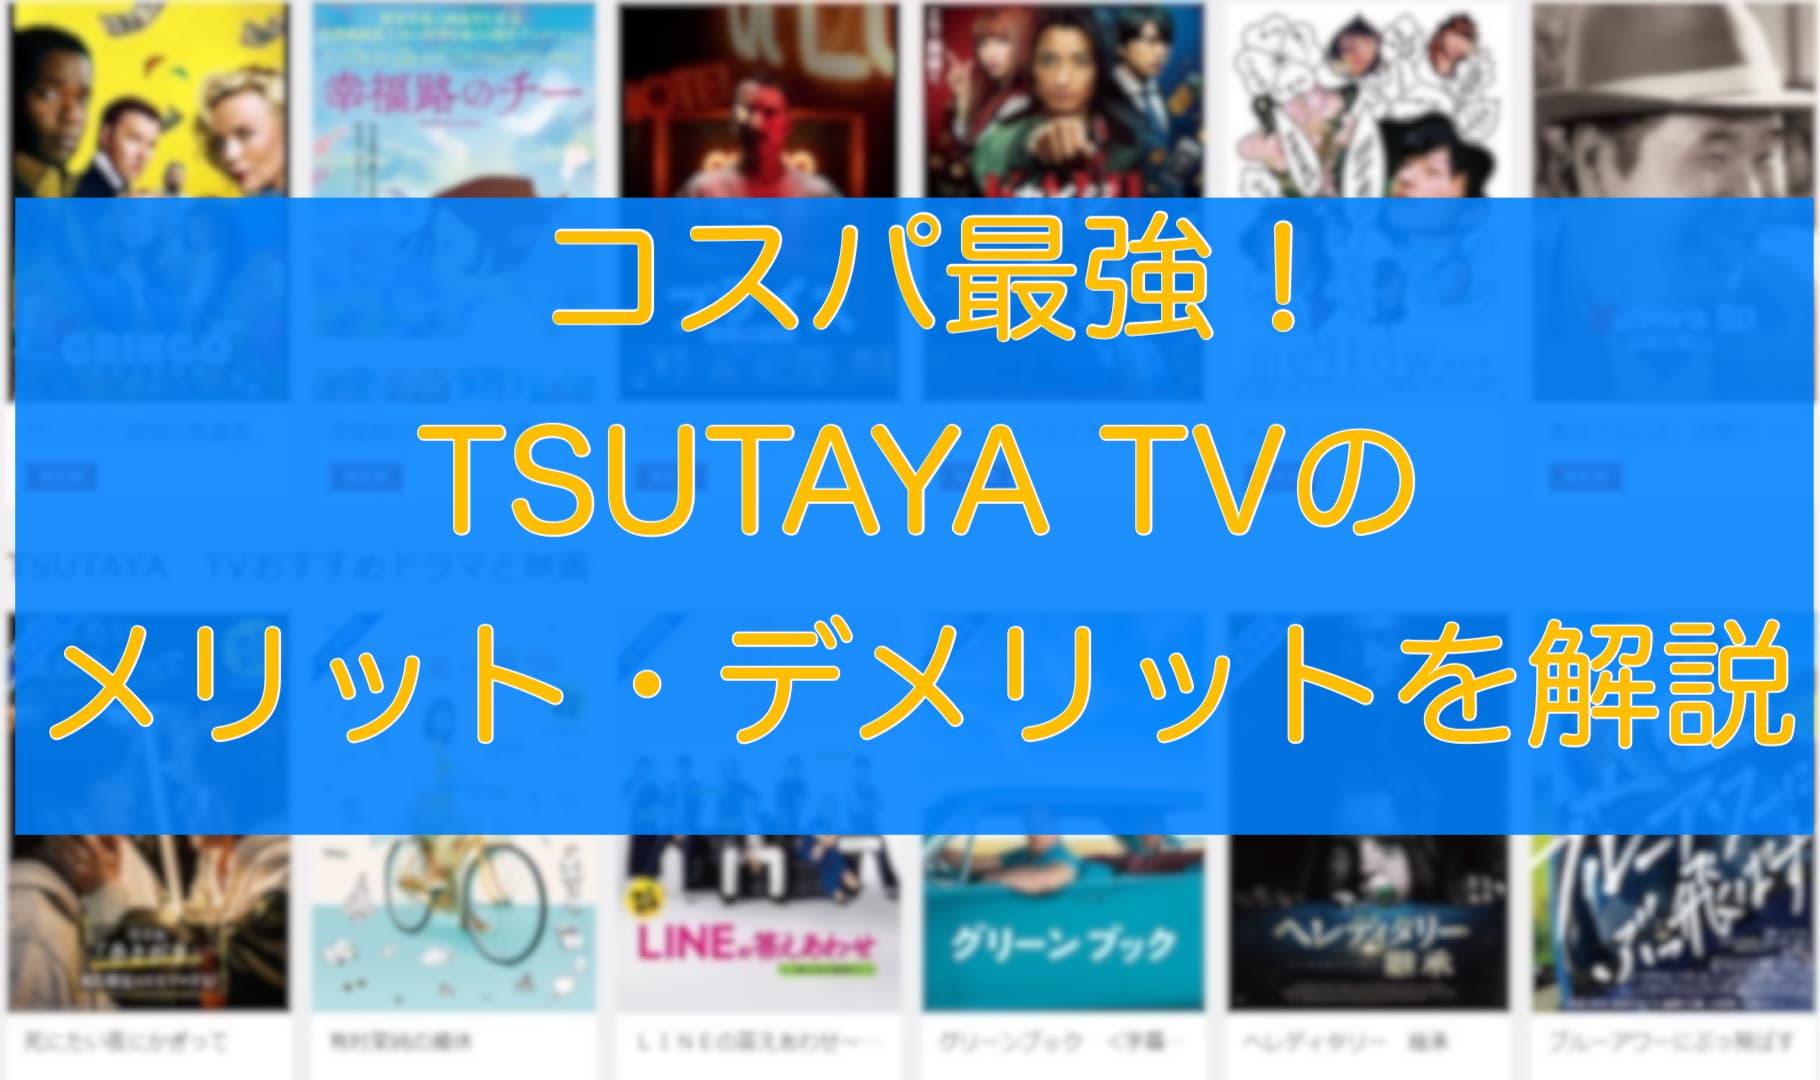 コスパ最強!TSUTAYA TVのメリット・デメリットを解説